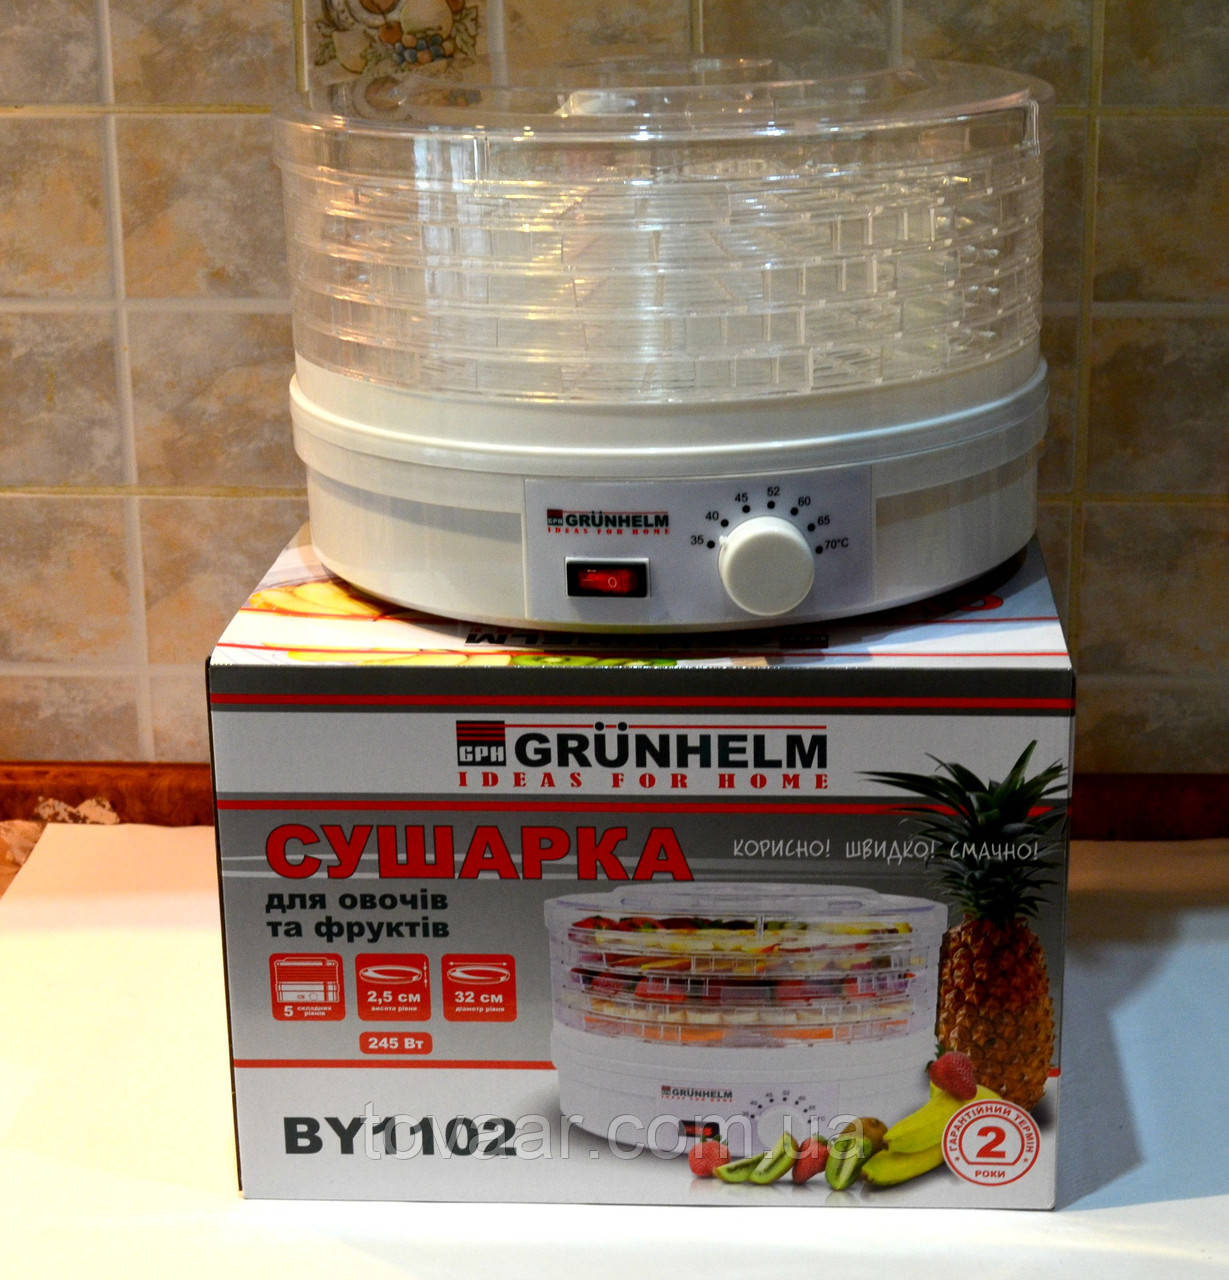 Сушилка для овощей и фруктов GRUNHELM BY1102